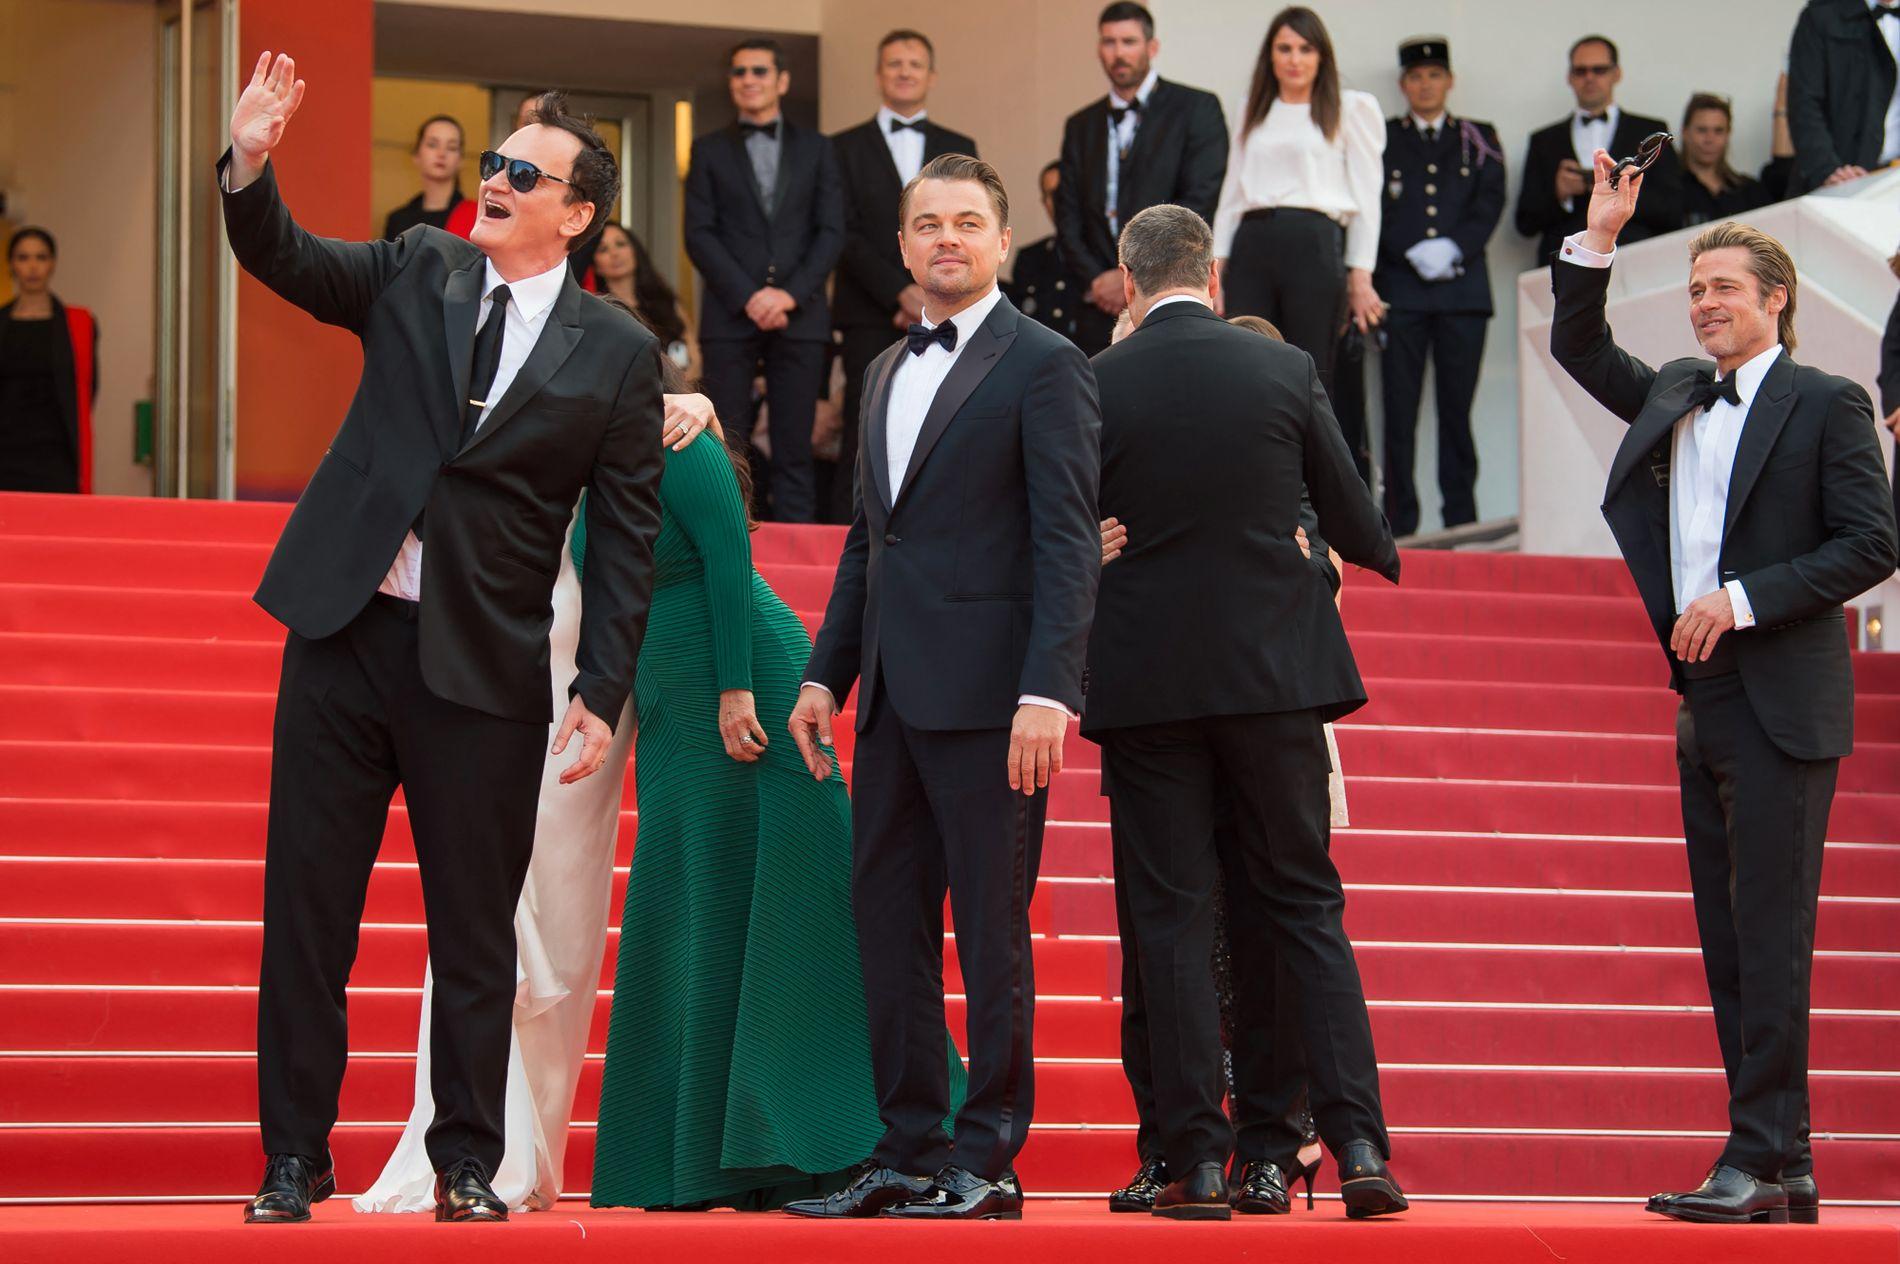 SAMARBEID: Quentin Tarantino, Leonardo DiCaprio og Brad Pitt hilser til publikum og tilskuere på premieren i Cannes.